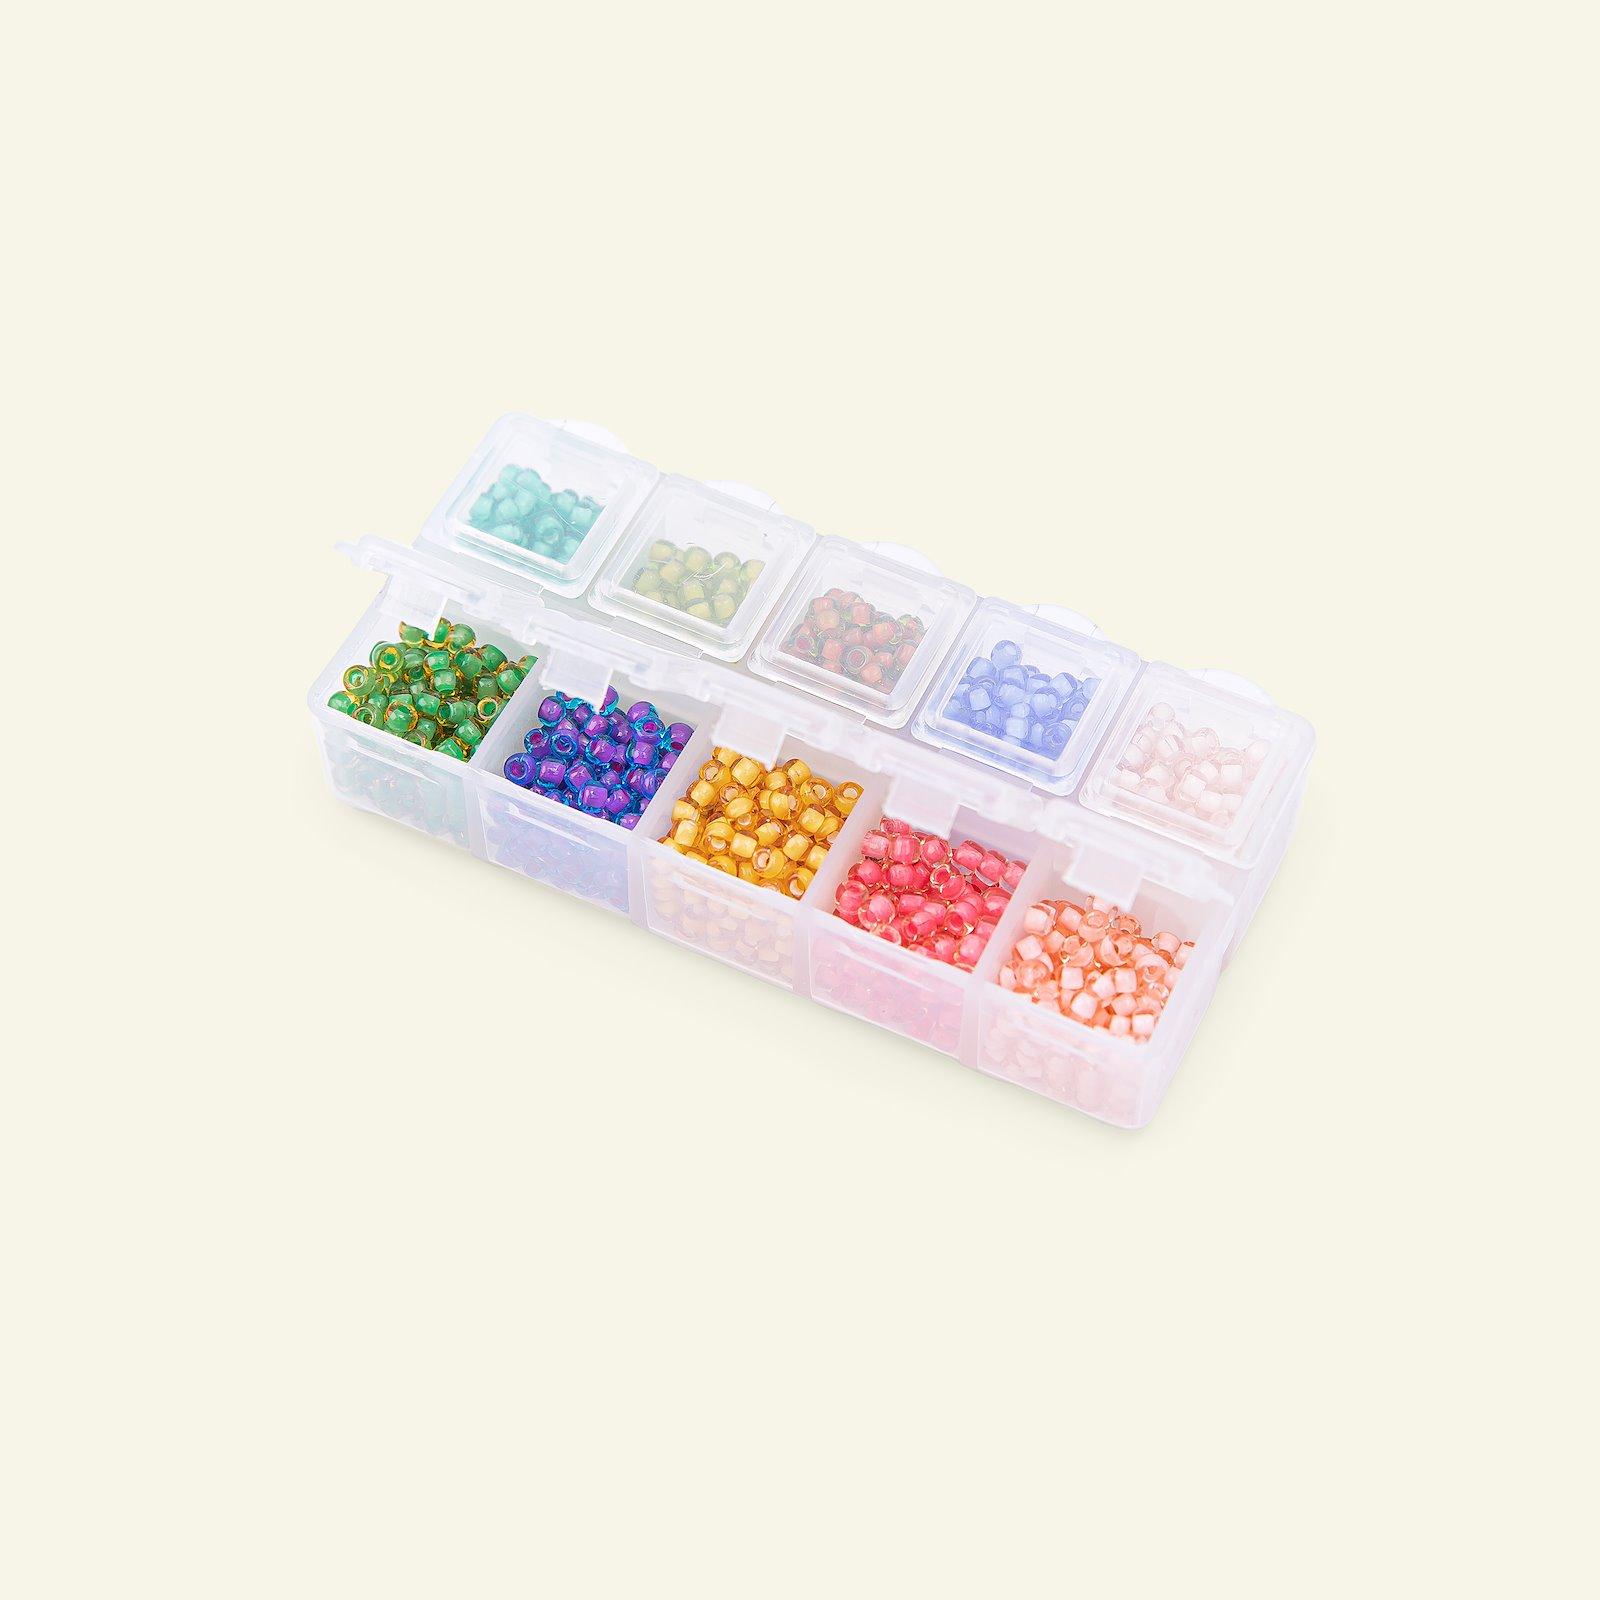 Matsuno Glasperlen rund 8/0 10farbig 40g 47198_pack_c